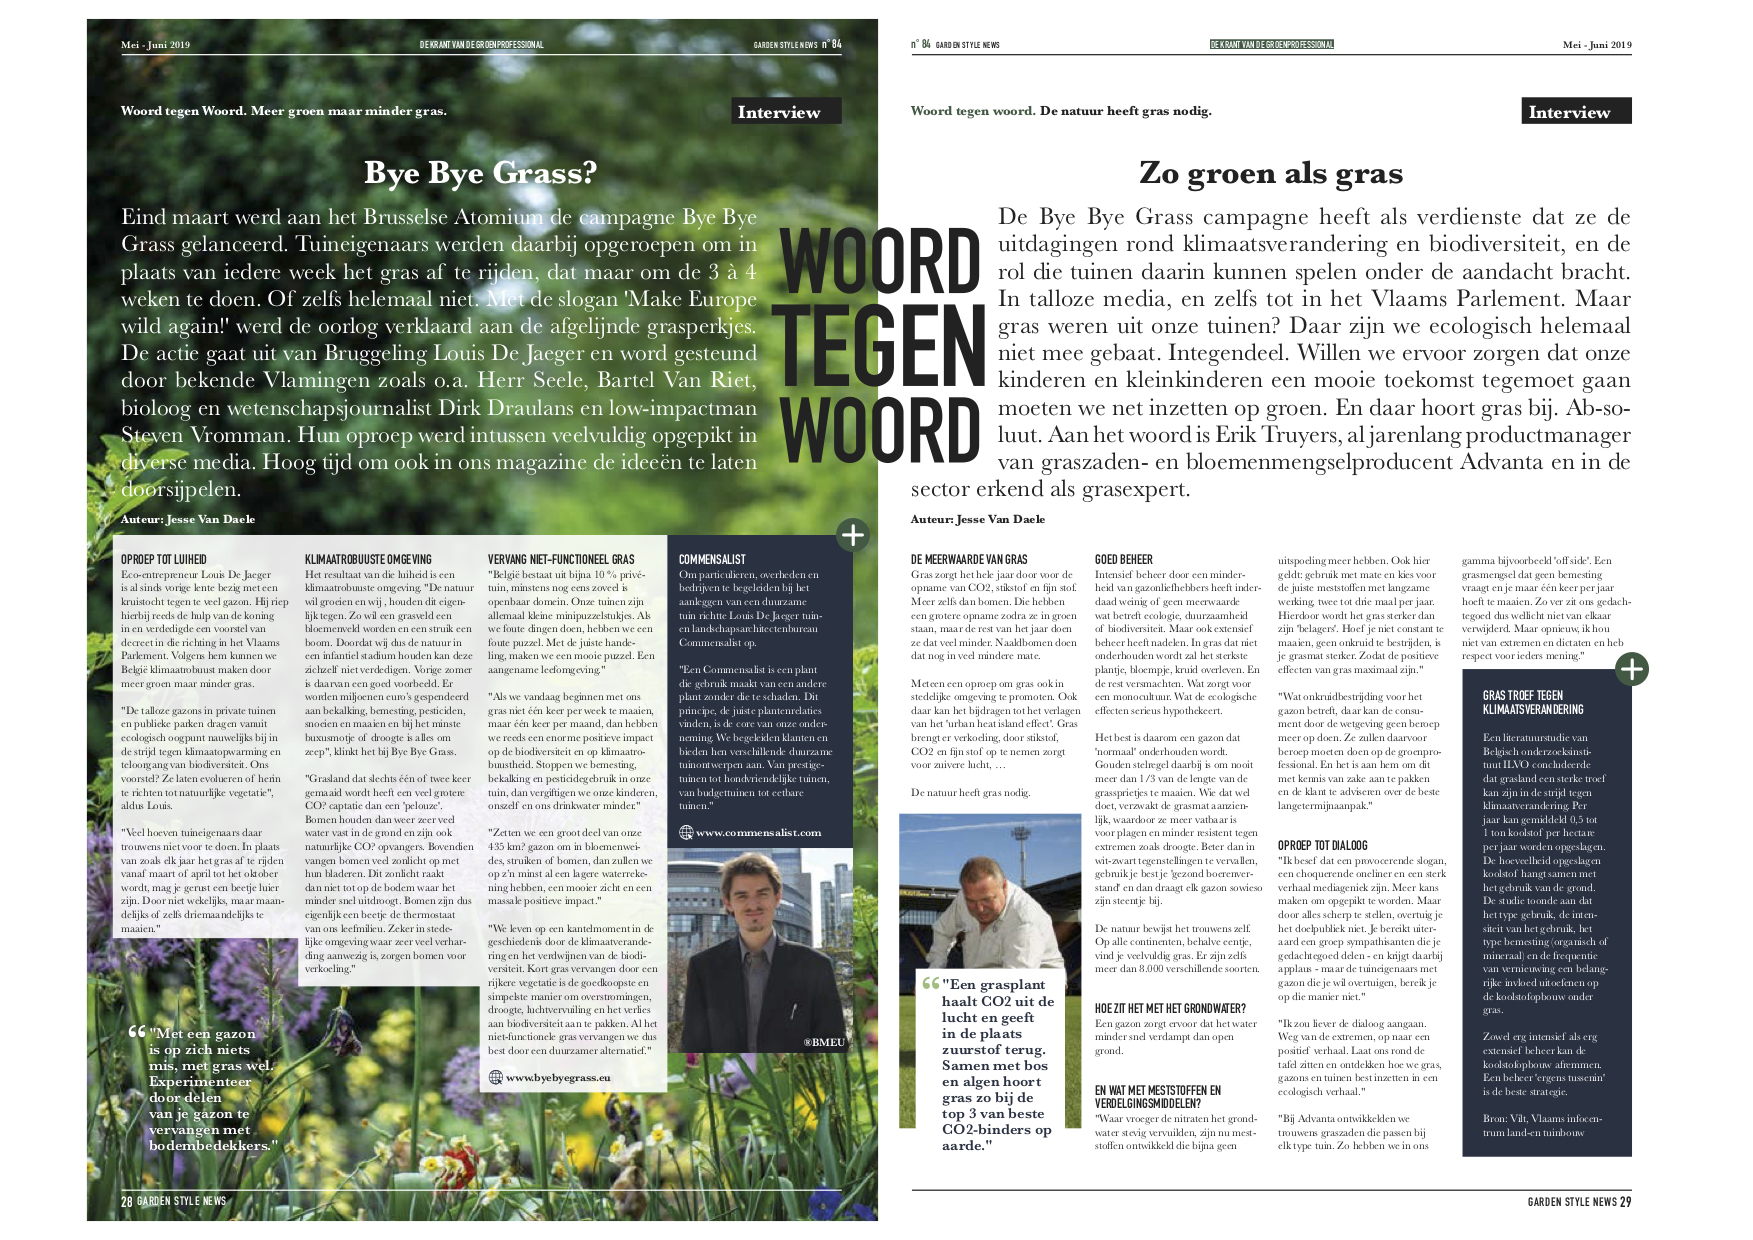 Garden_Style_News_ByeByeGrass-Centaurea-Commensalist-Ecoduct